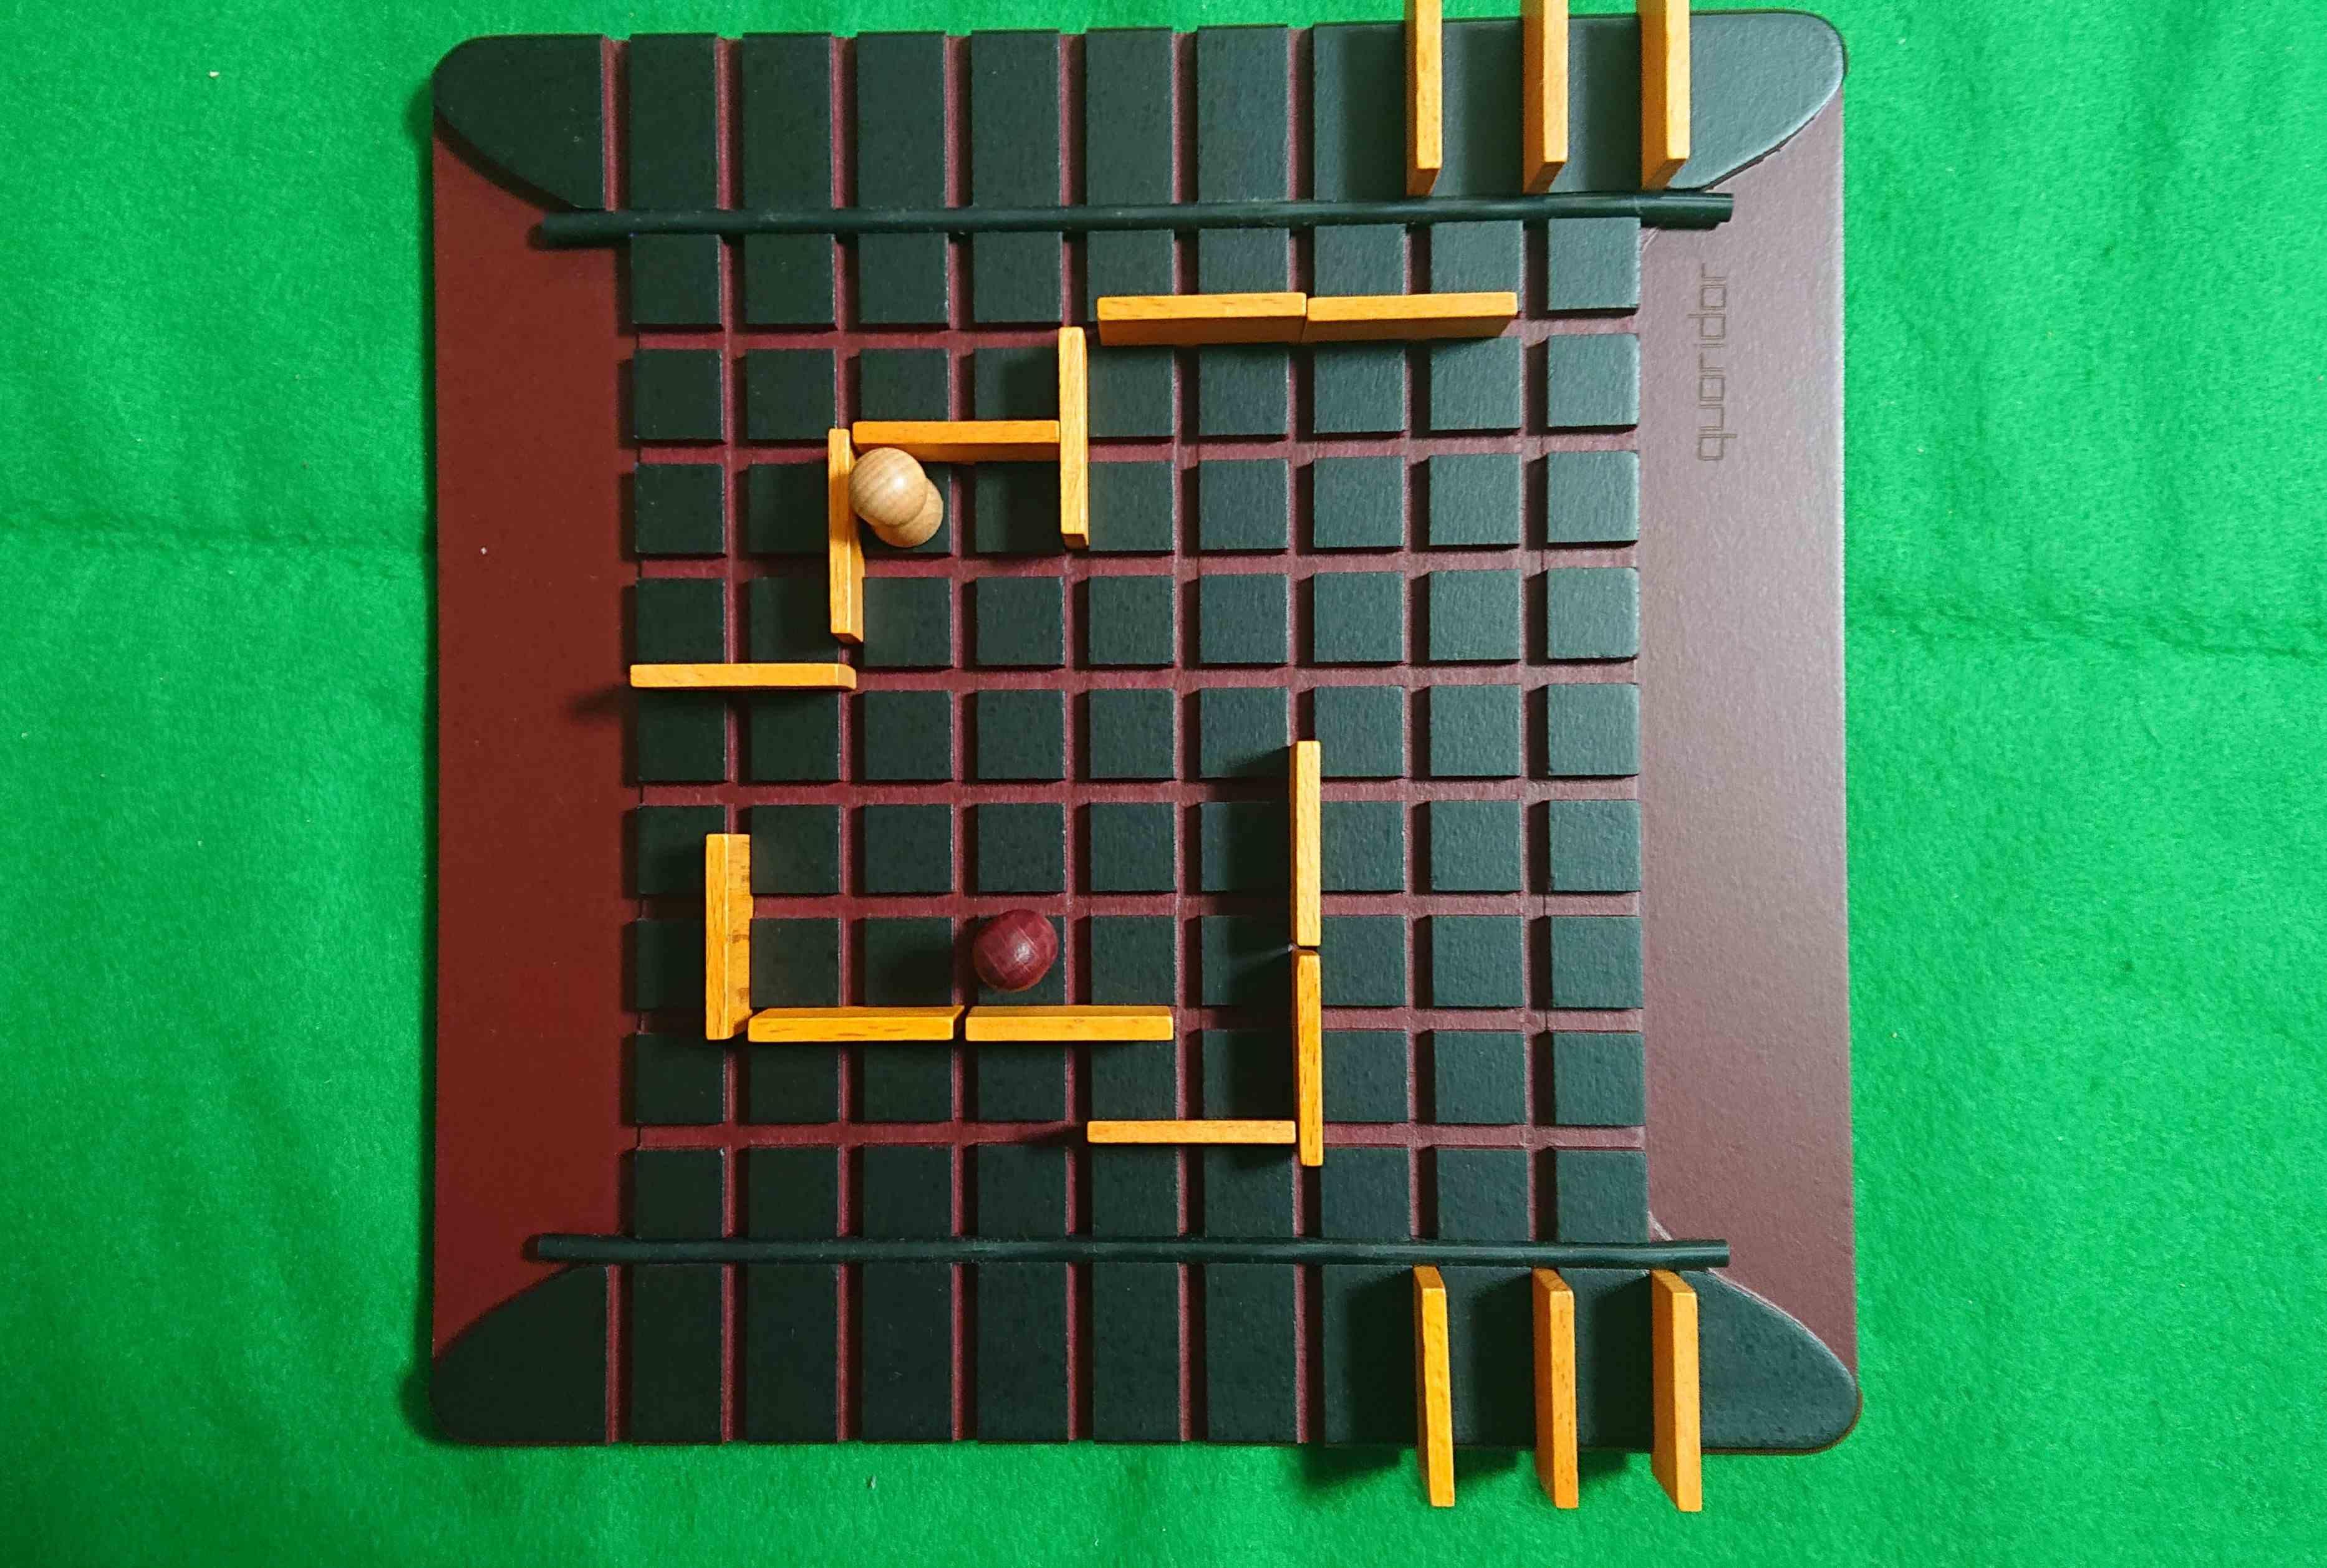 コリドール(Quoridor) ルール簡単でもガチなアブストラクト系ボードゲーム 木製コマっていいですね!